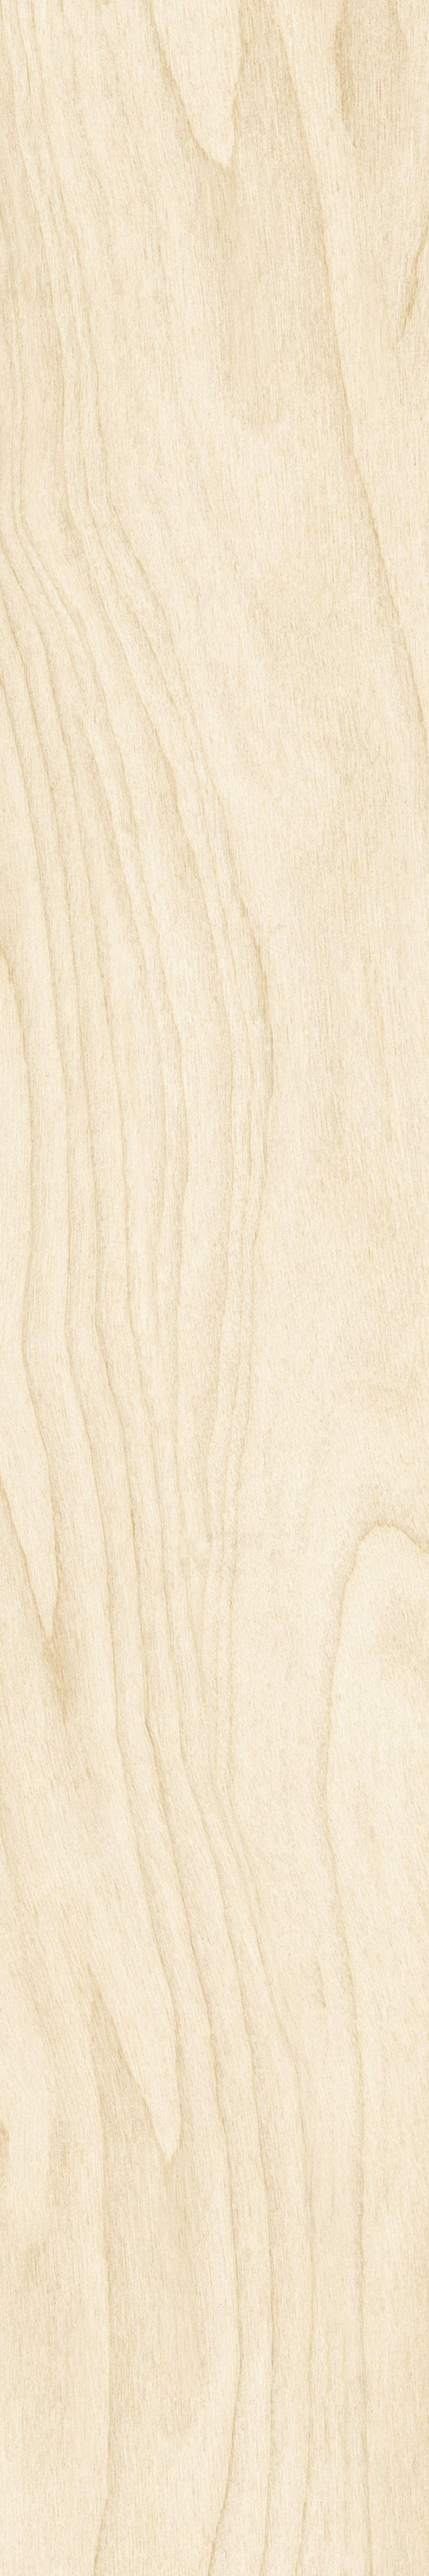 Płytka podłogowa 19,3x119,7 cm Nowa Gala Maple MP 02